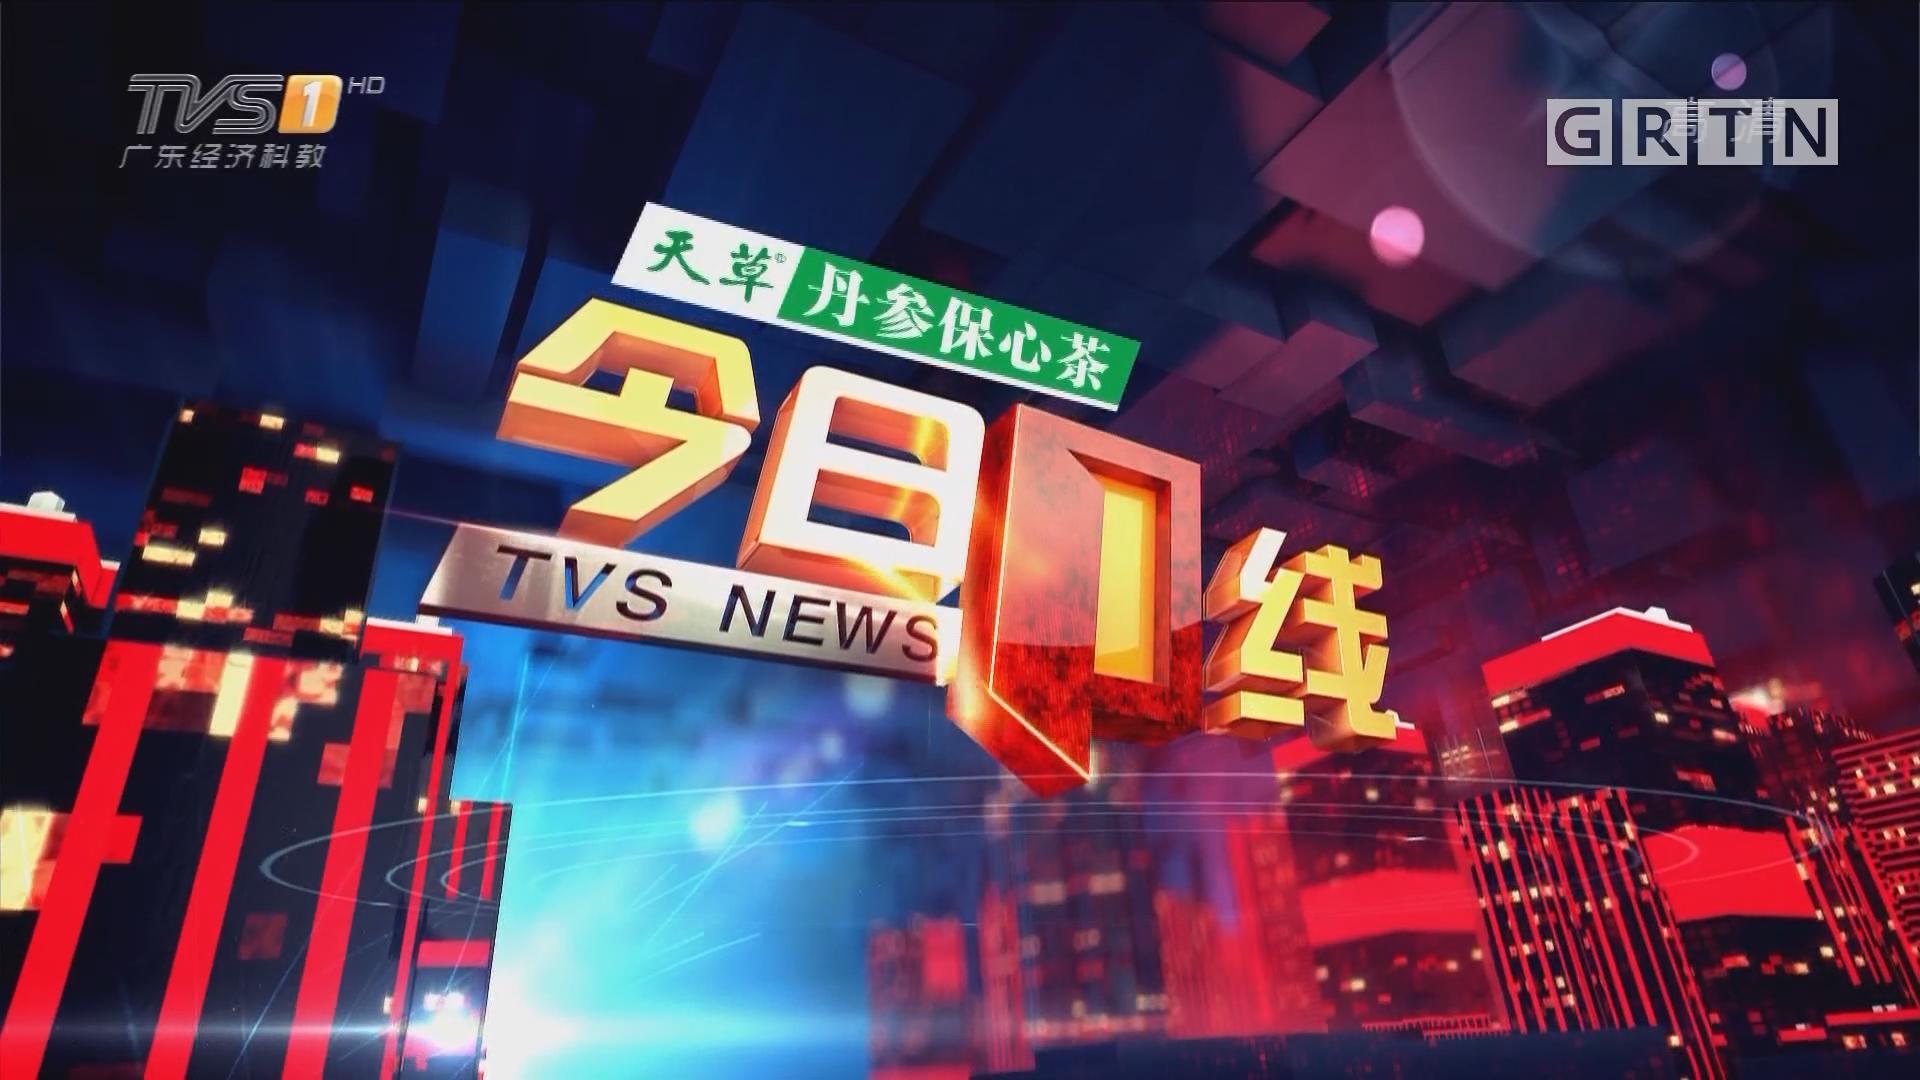 [HD][2019-03-24]今日一线:广州白云区:正规油站违规加油?1小时加了64辆摩托车